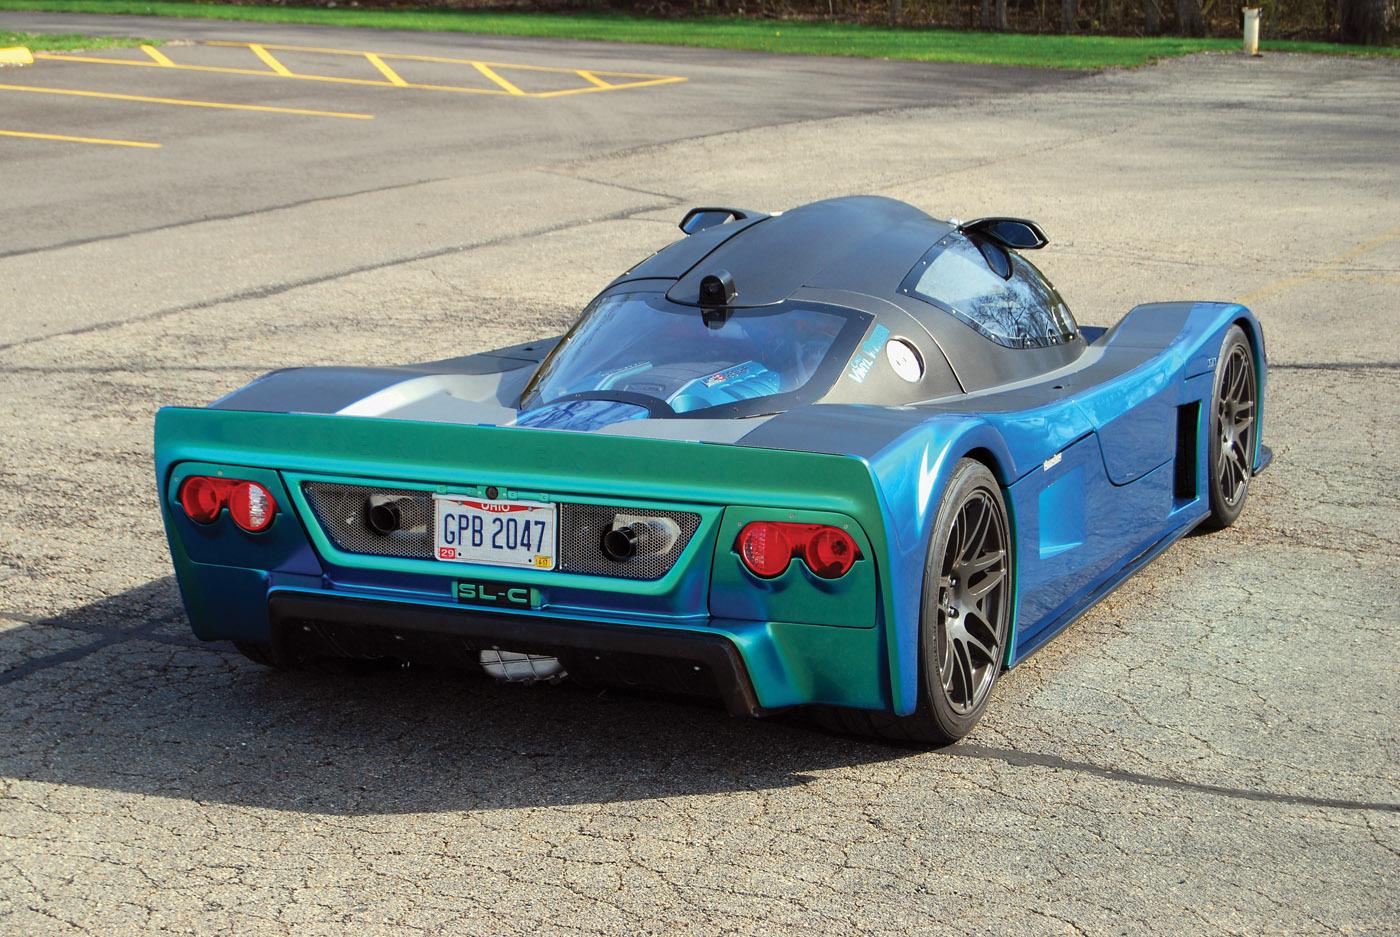 Superlite Slc F21